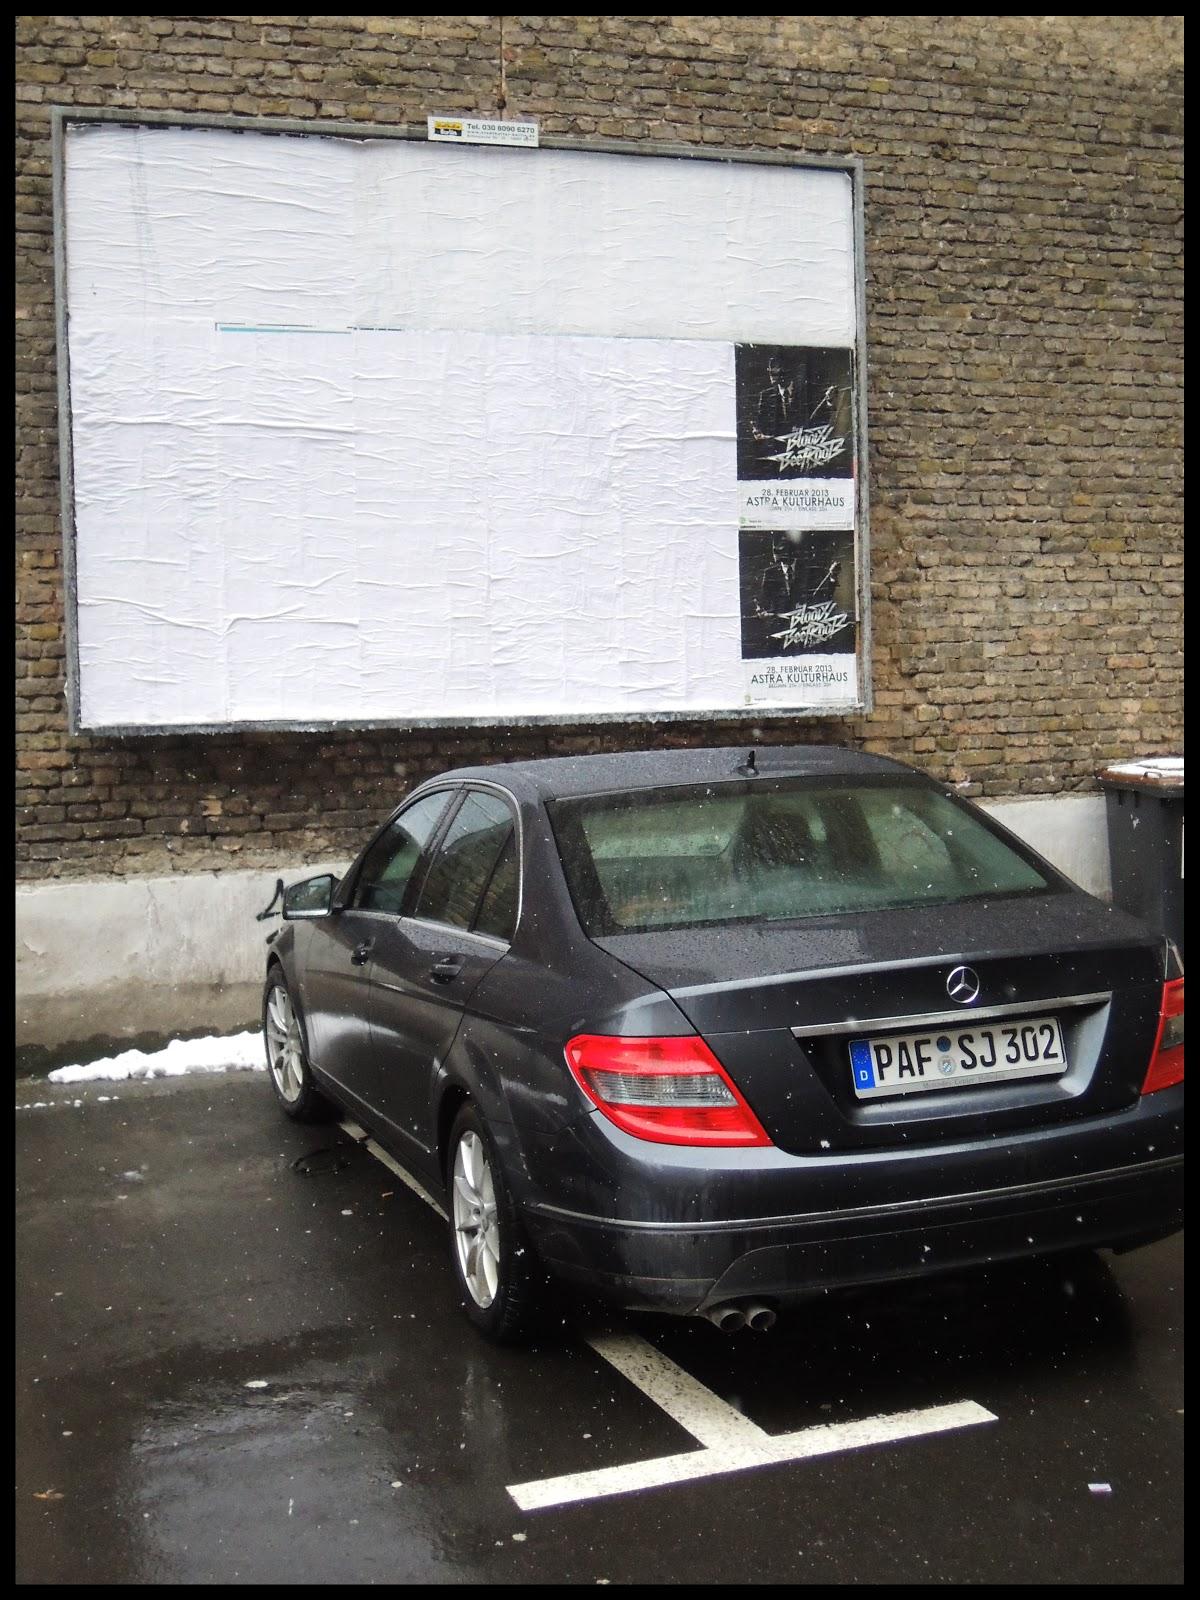 http://3.bp.blogspot.com/-2Vk31K9C2Jc/US4BJpoL98I/AAAAAAAAJJU/RXWMtsLmrBE/s1600/Kai+von+Kr%C3%B6cher++Sabine+Steinort+club49+8+Jahre+006.JPG